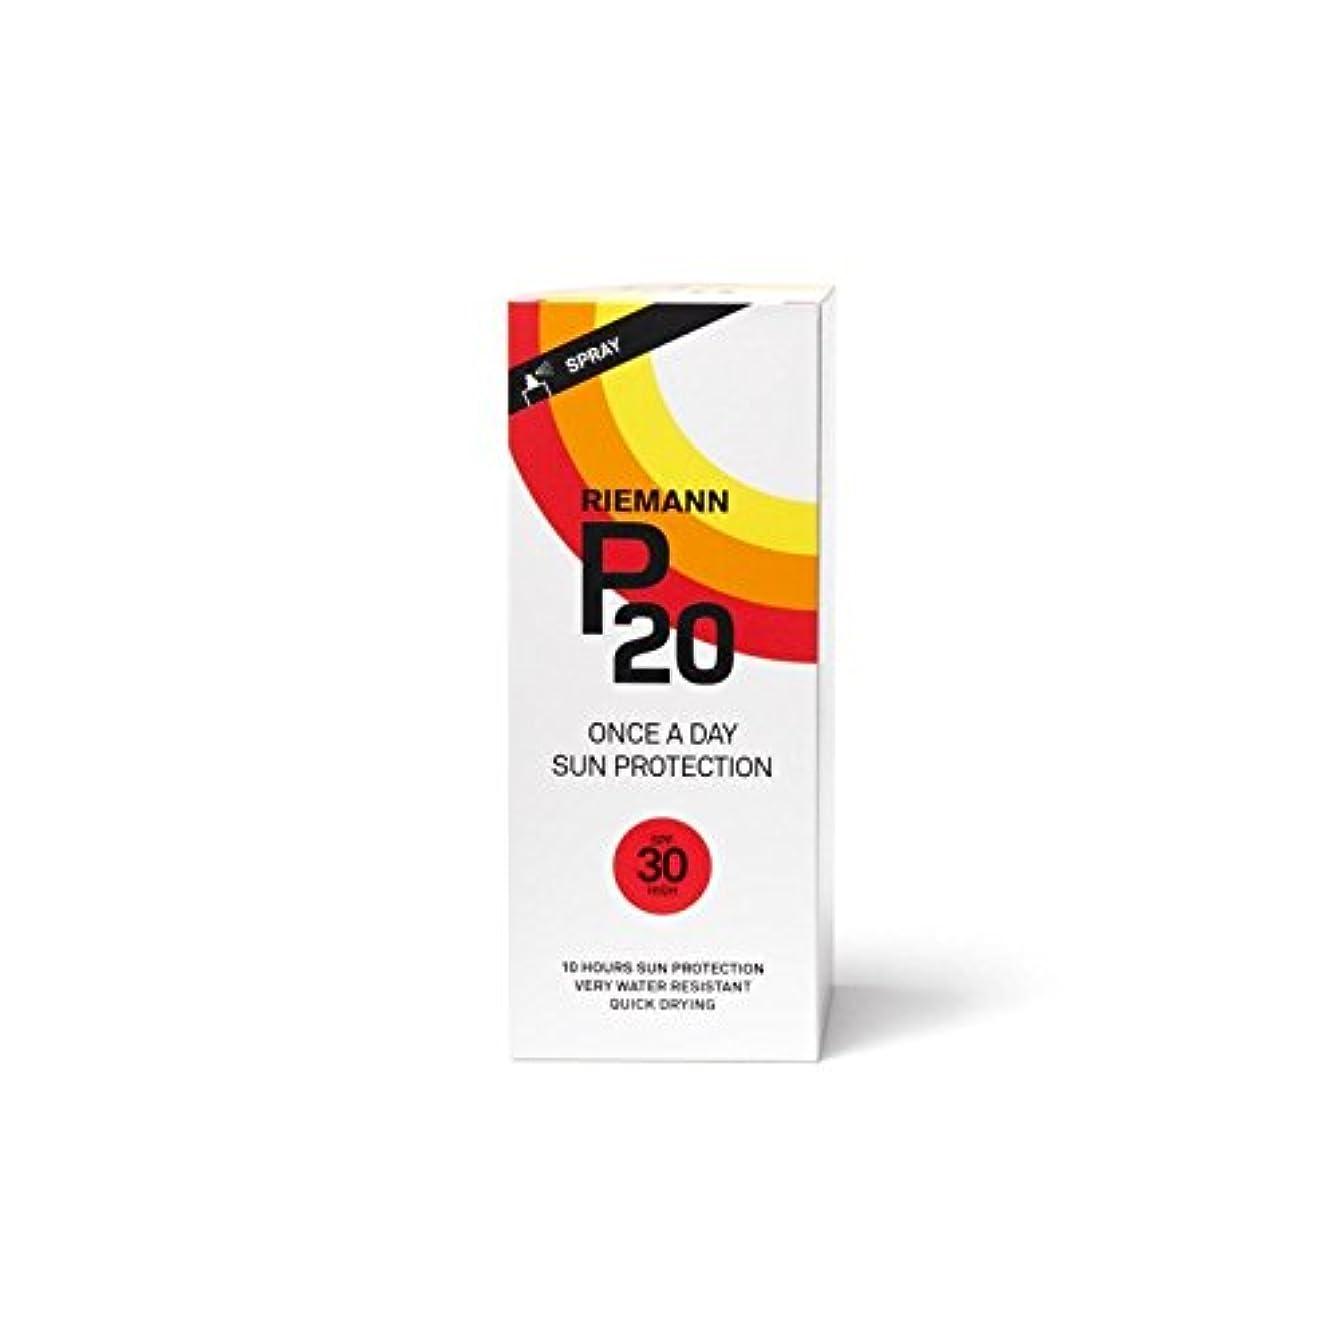 シンポジウム管理者保持するRiemann P20 Sun Filter 200ml SPF30 (Pack of 6) - リーマン20のサンフィルター200ミリリットル30 x6 [並行輸入品]